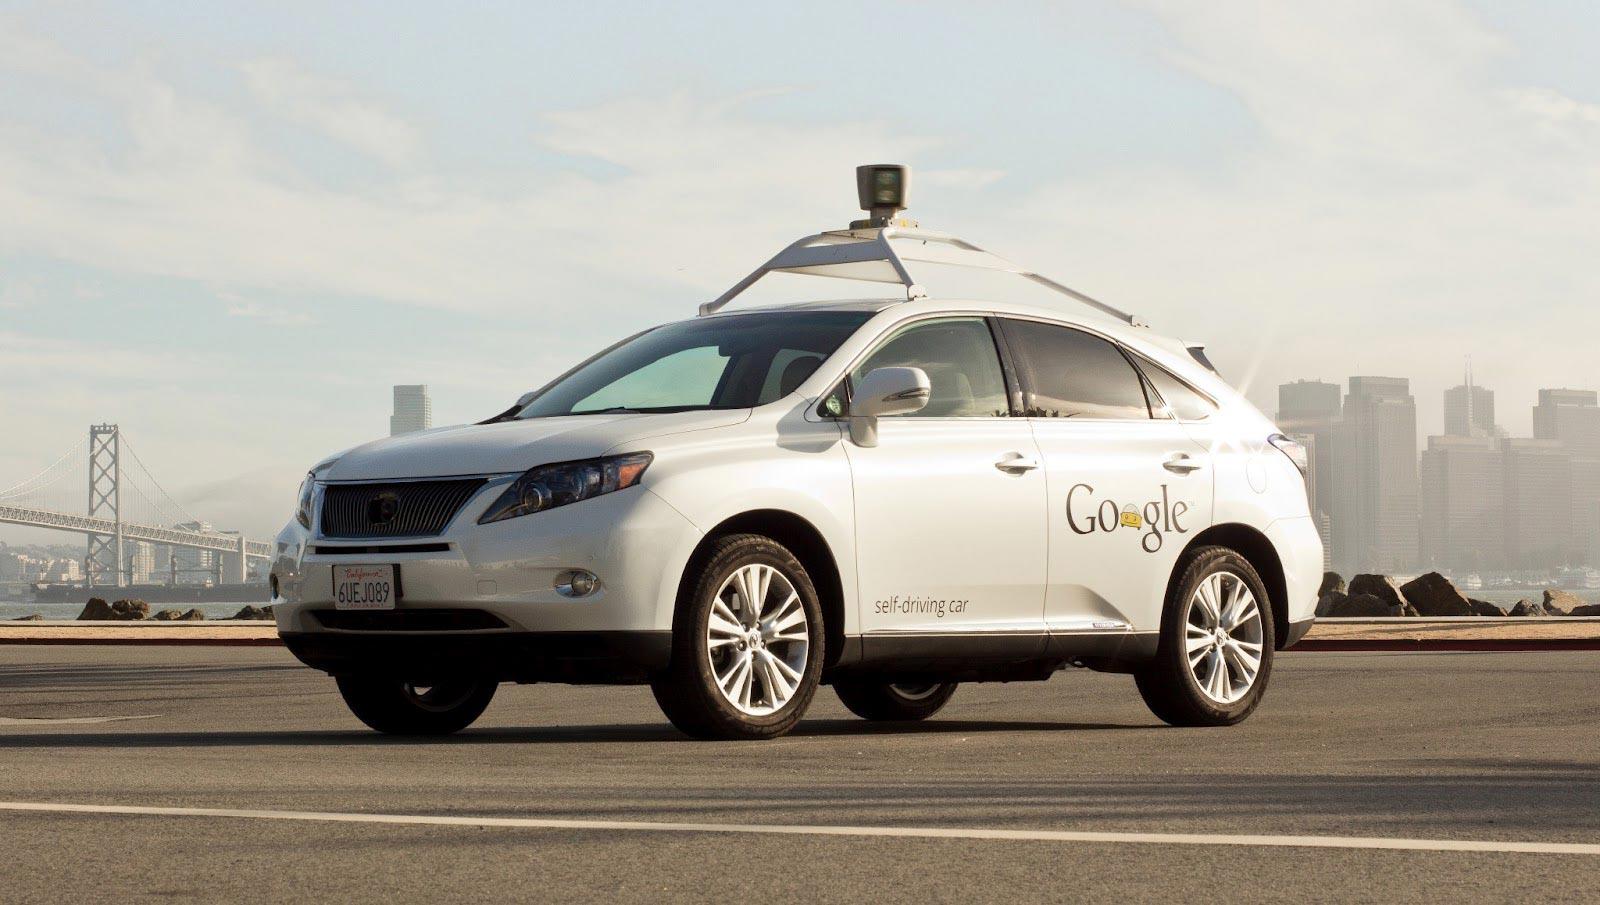 جوجل تعترف بمسؤوليتها في حادث تصادم سيارة ذاتية القيادة بحافلة